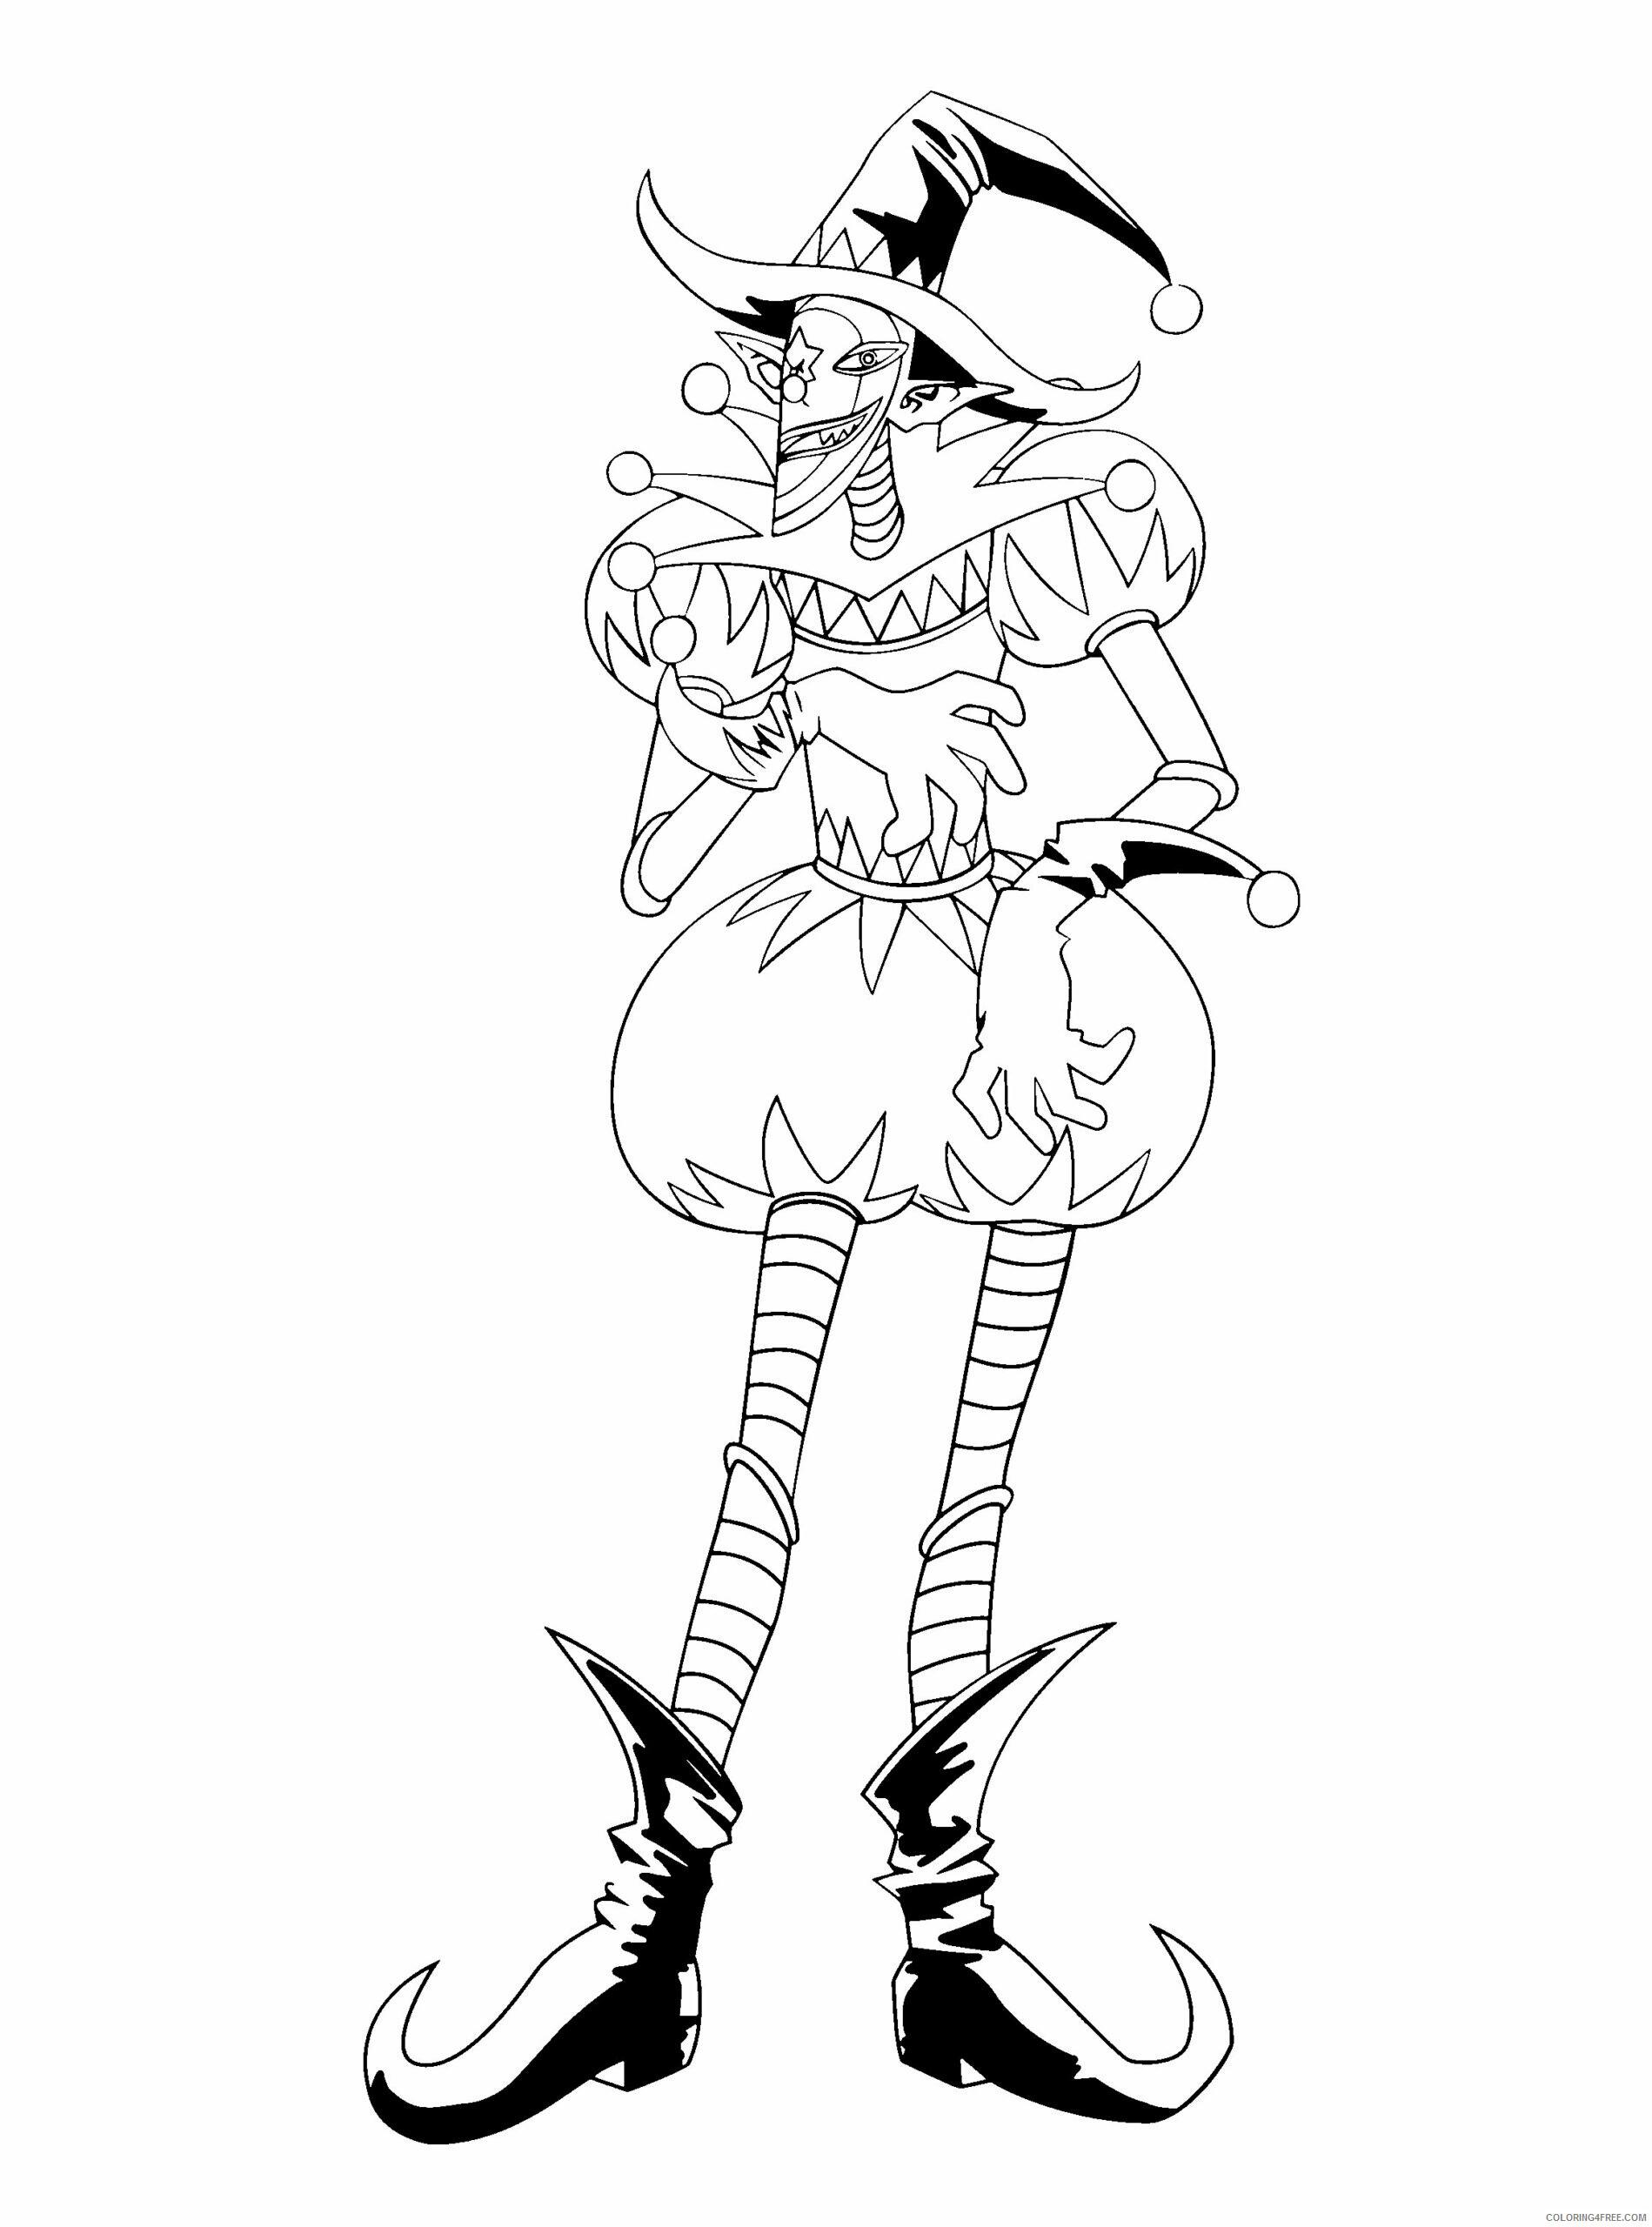 Yu Gi Oh Printable Coloring Pages Anime Yu Gi Oh 18 2021 1245 Coloring4free Coloring4free Com